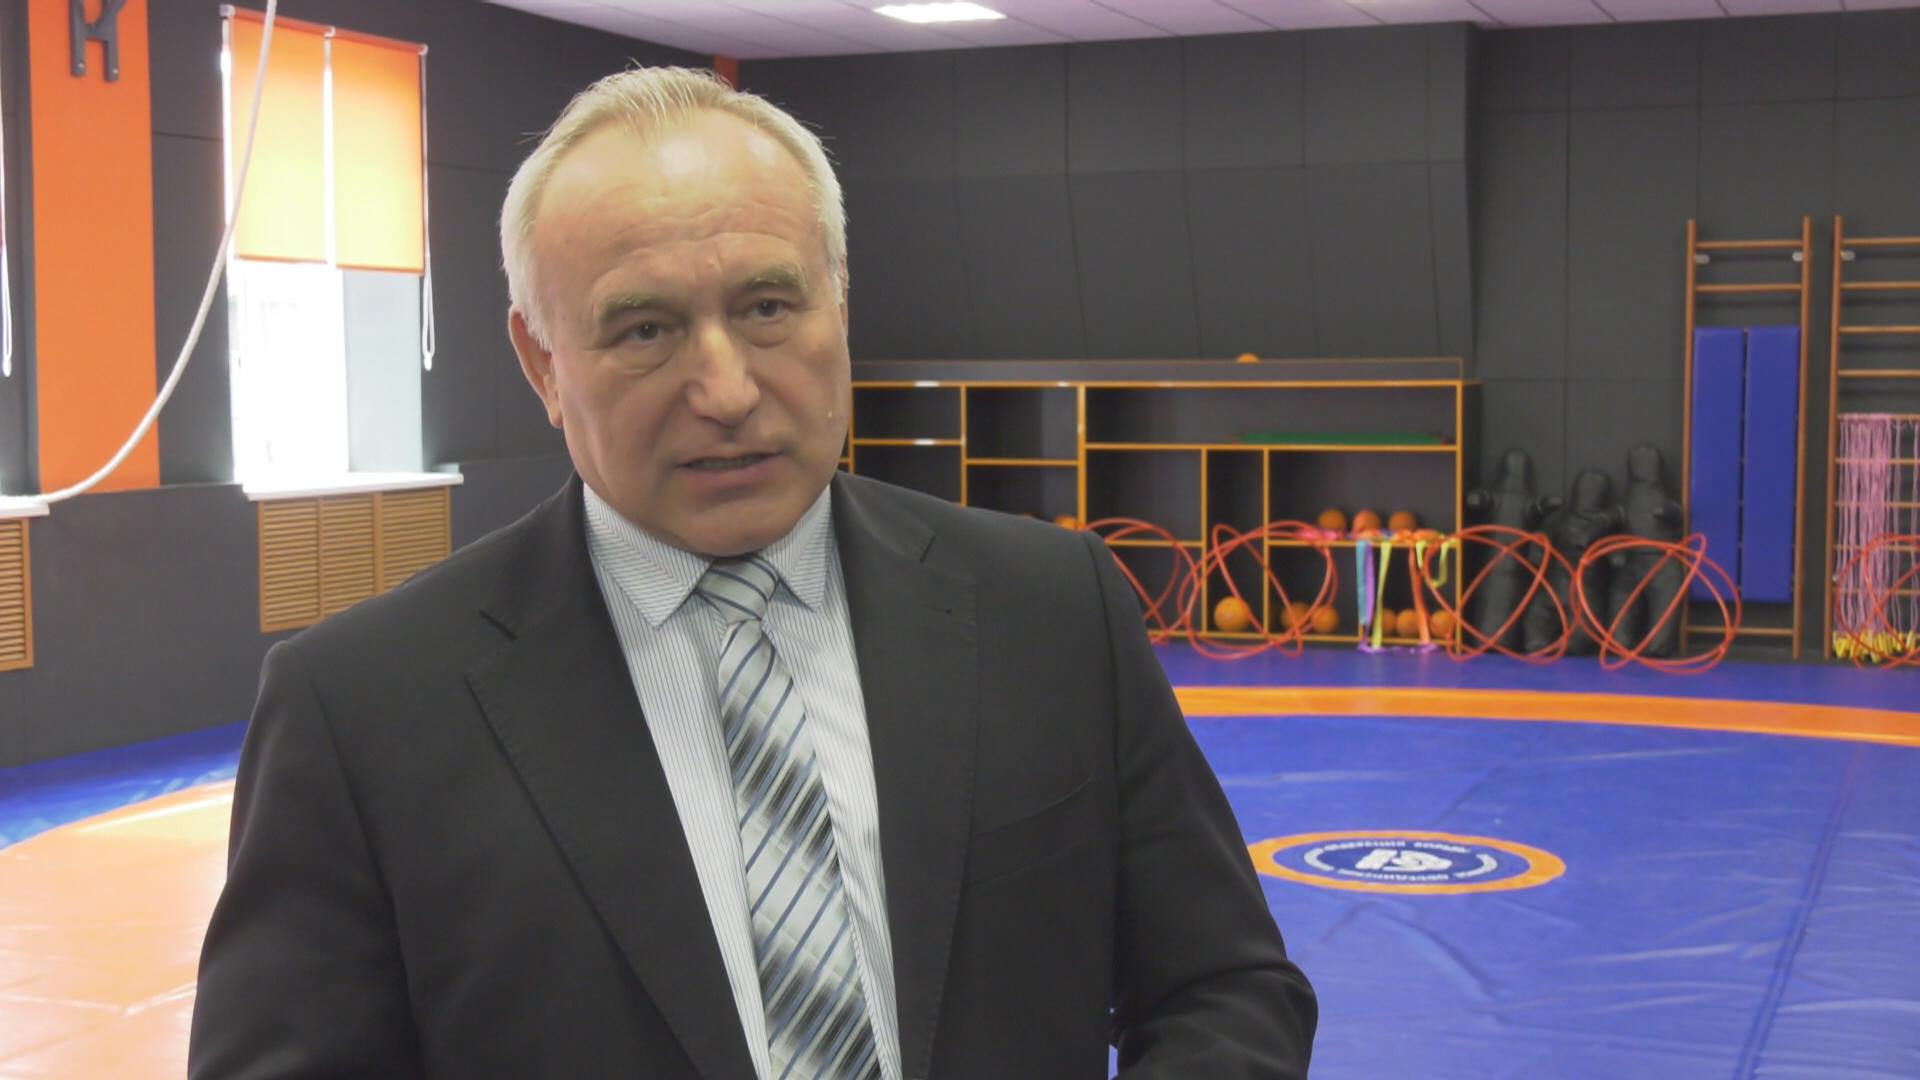 gubernator - В Поставах открыли спортзал для единоборств (видео)